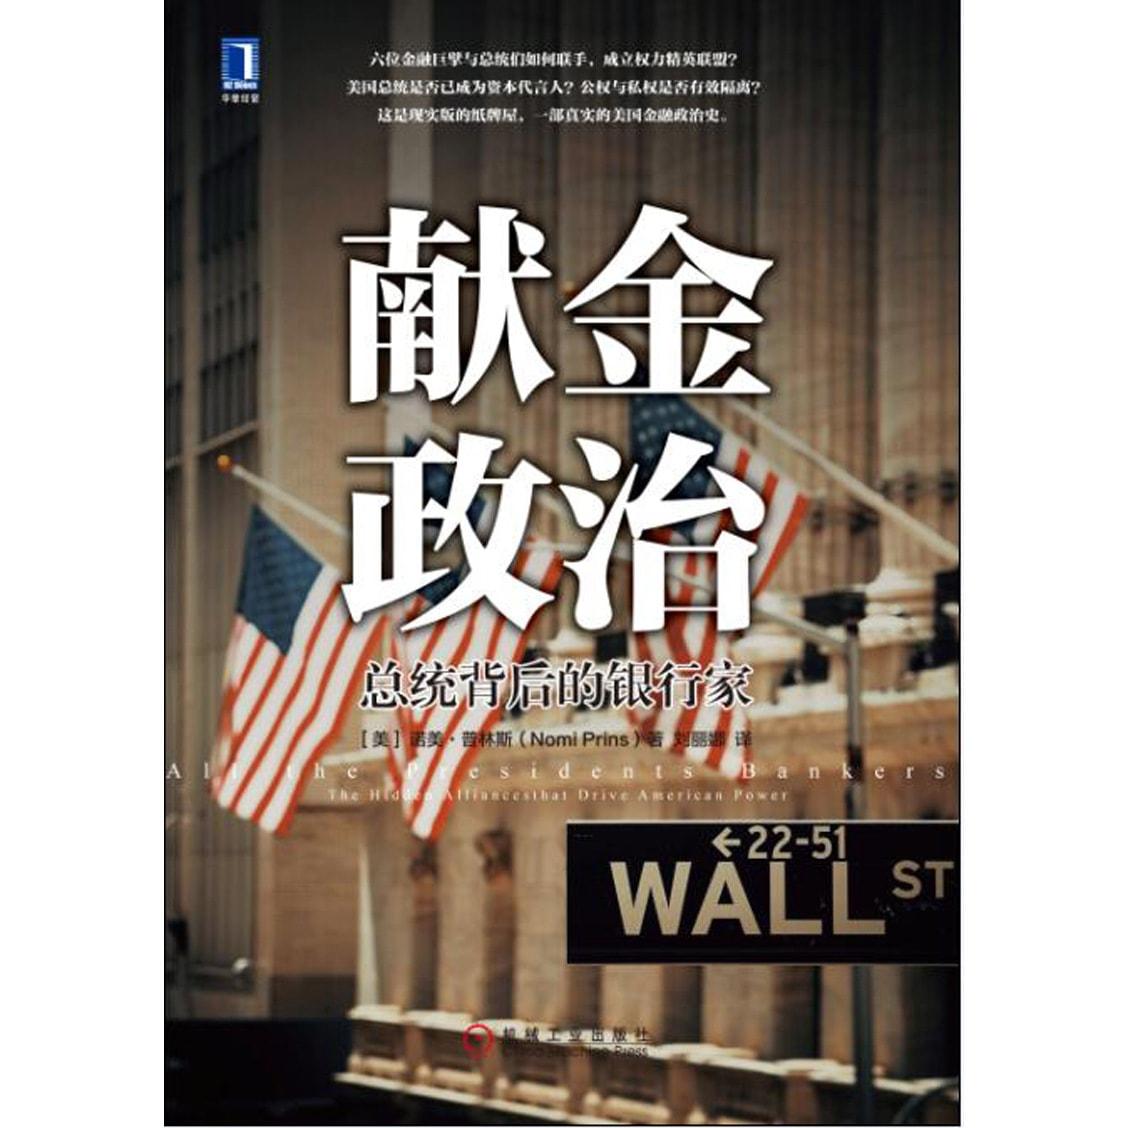 献金政治:总统背后的银行家 怎么样 - 亚米网